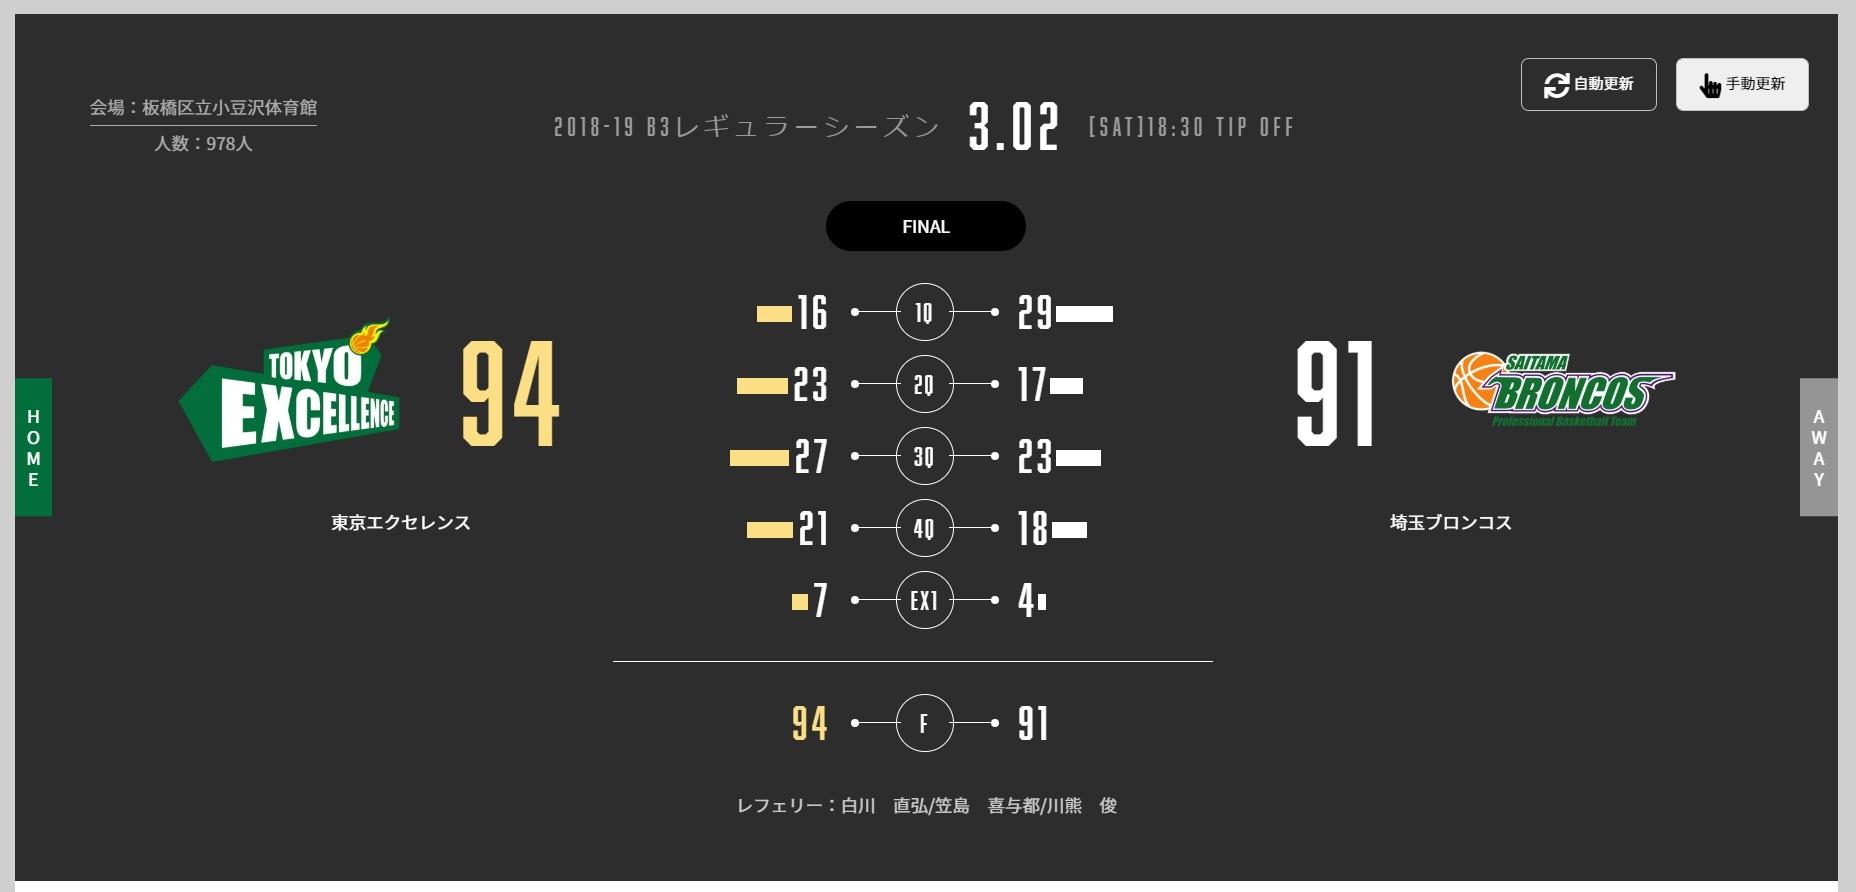 初めてバスケの試合を見に行きました 東京エクセレンス_d0004728_17484434.jpg